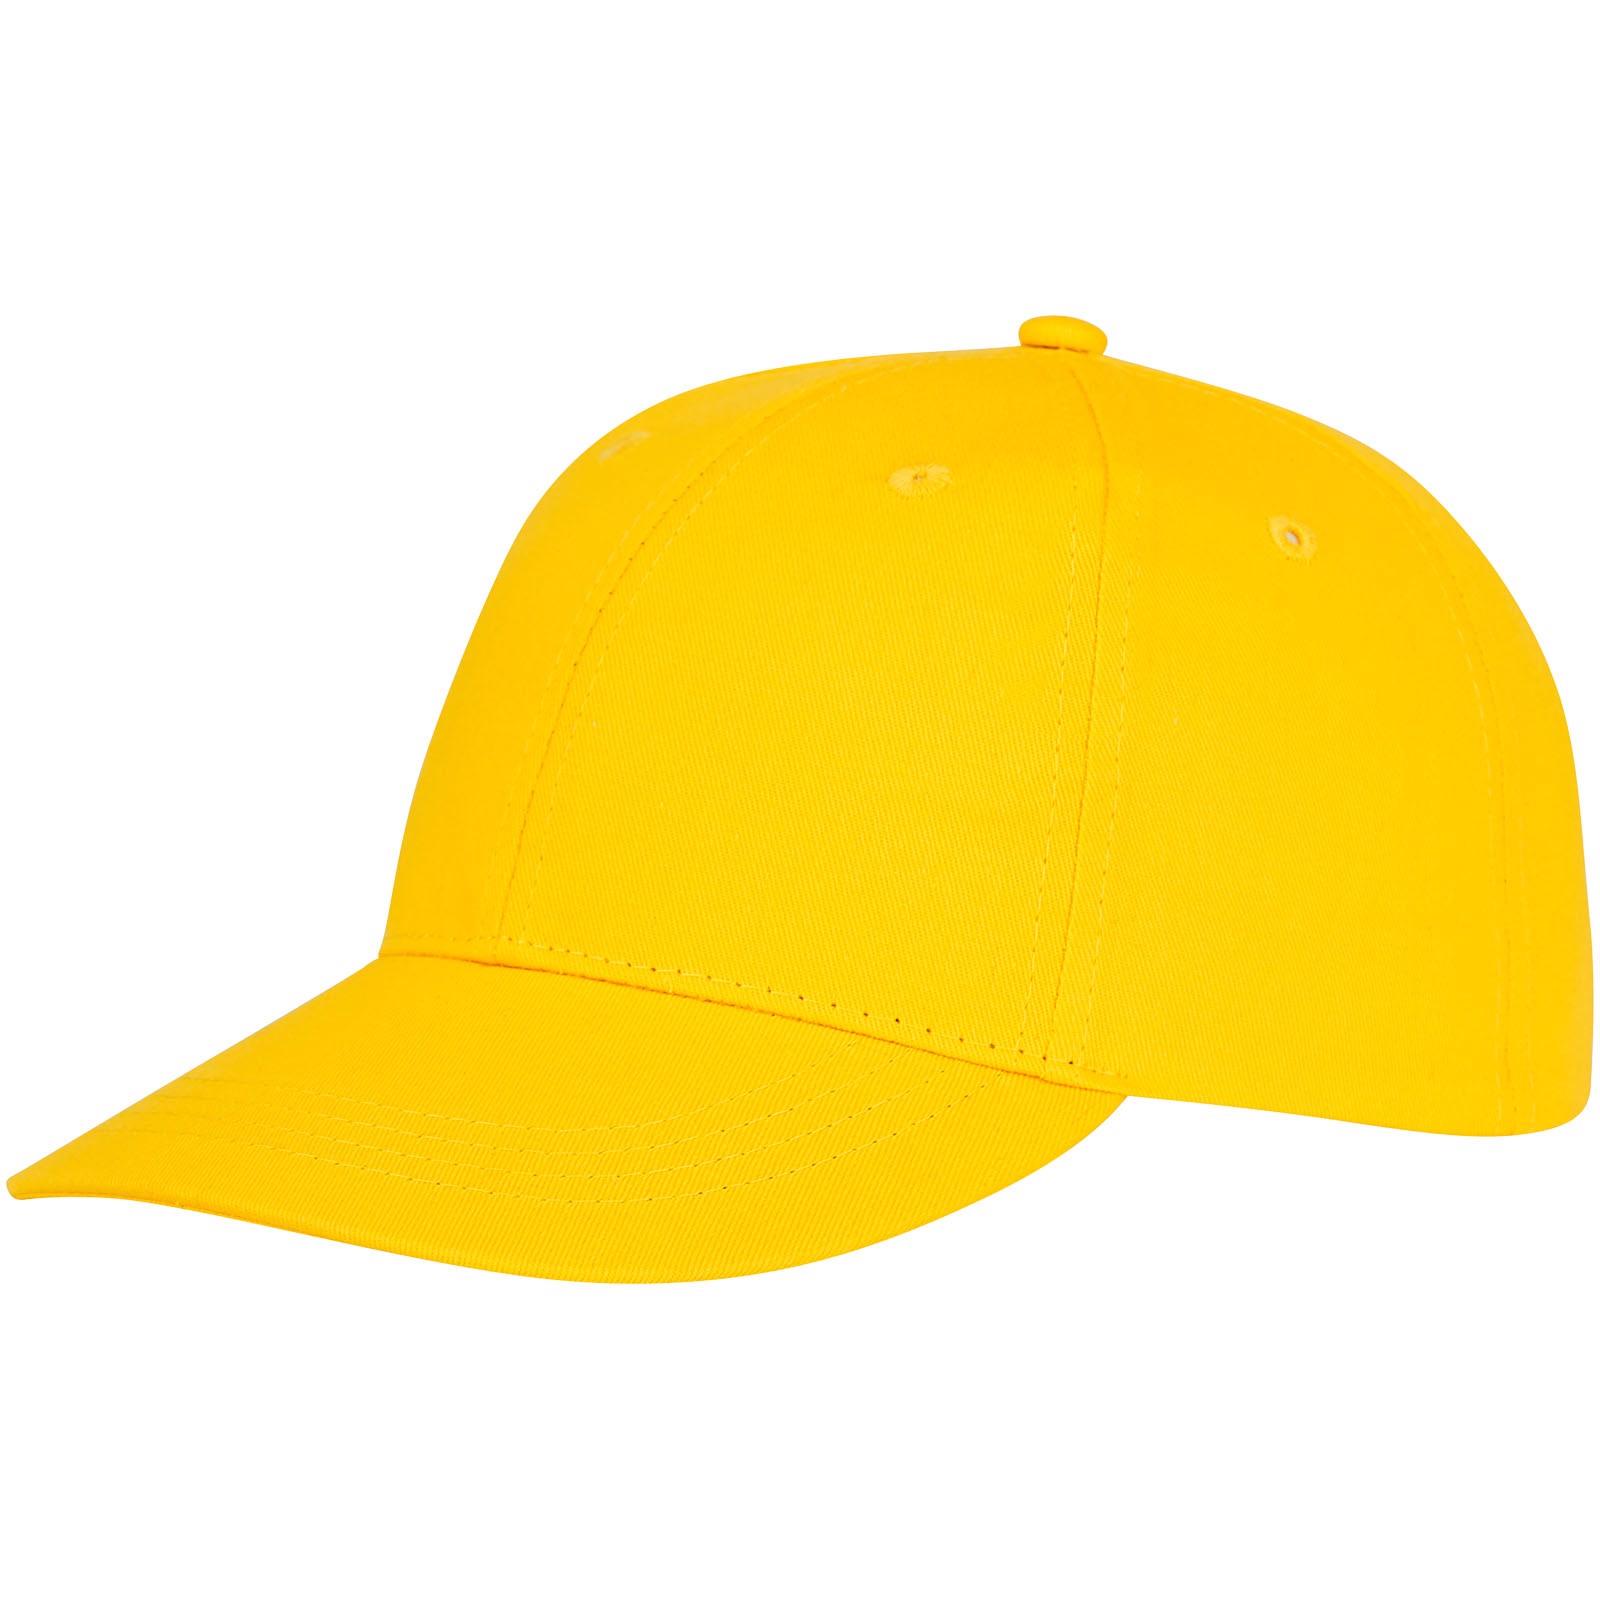 Ares 6 panel cap - Yellow